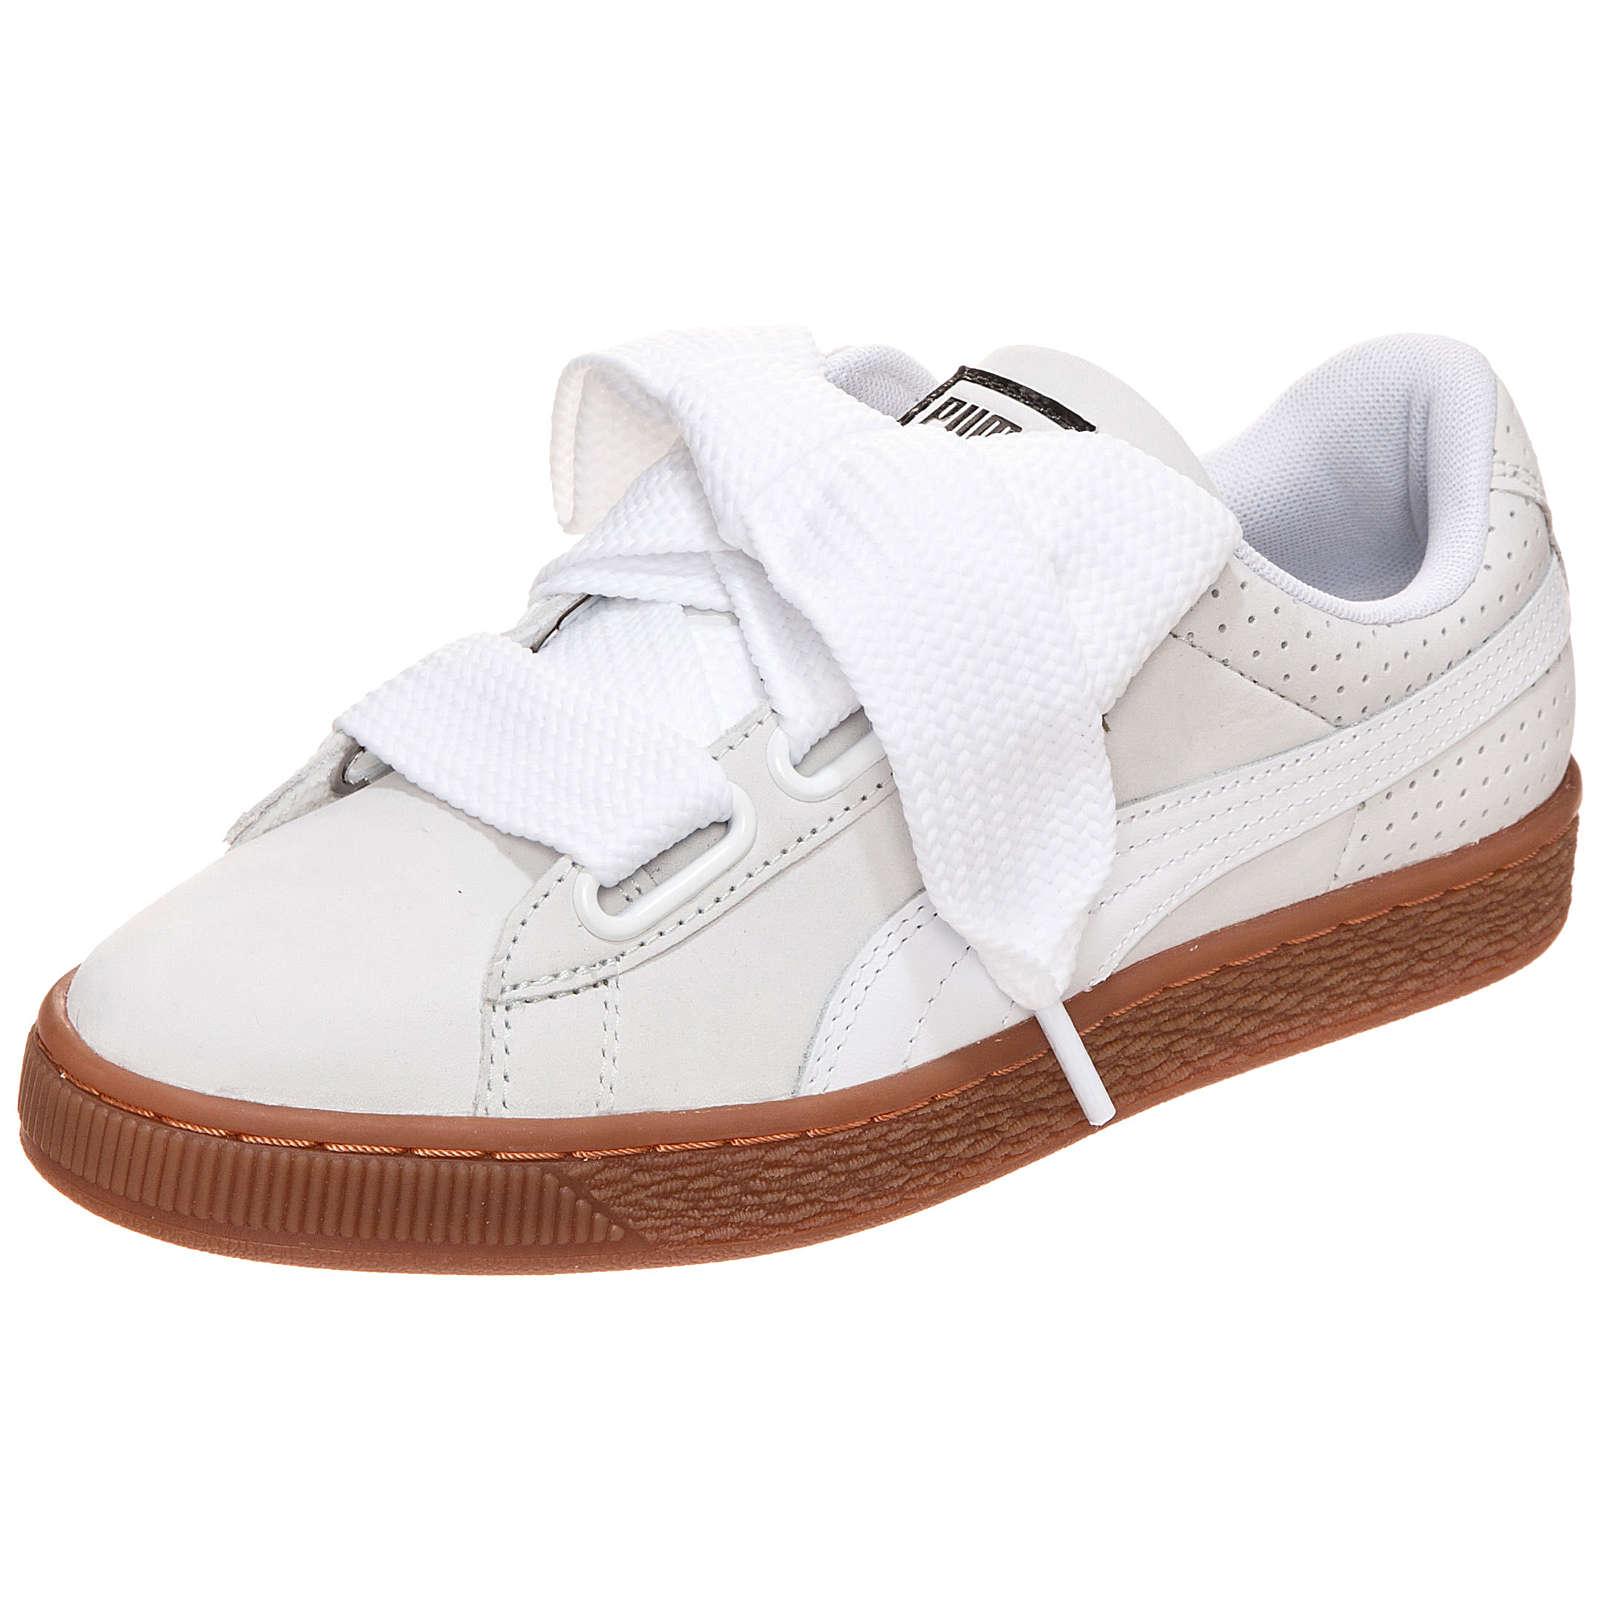 PUMA Basket Heart Sneakers Low gold Damen Gr. 38,5